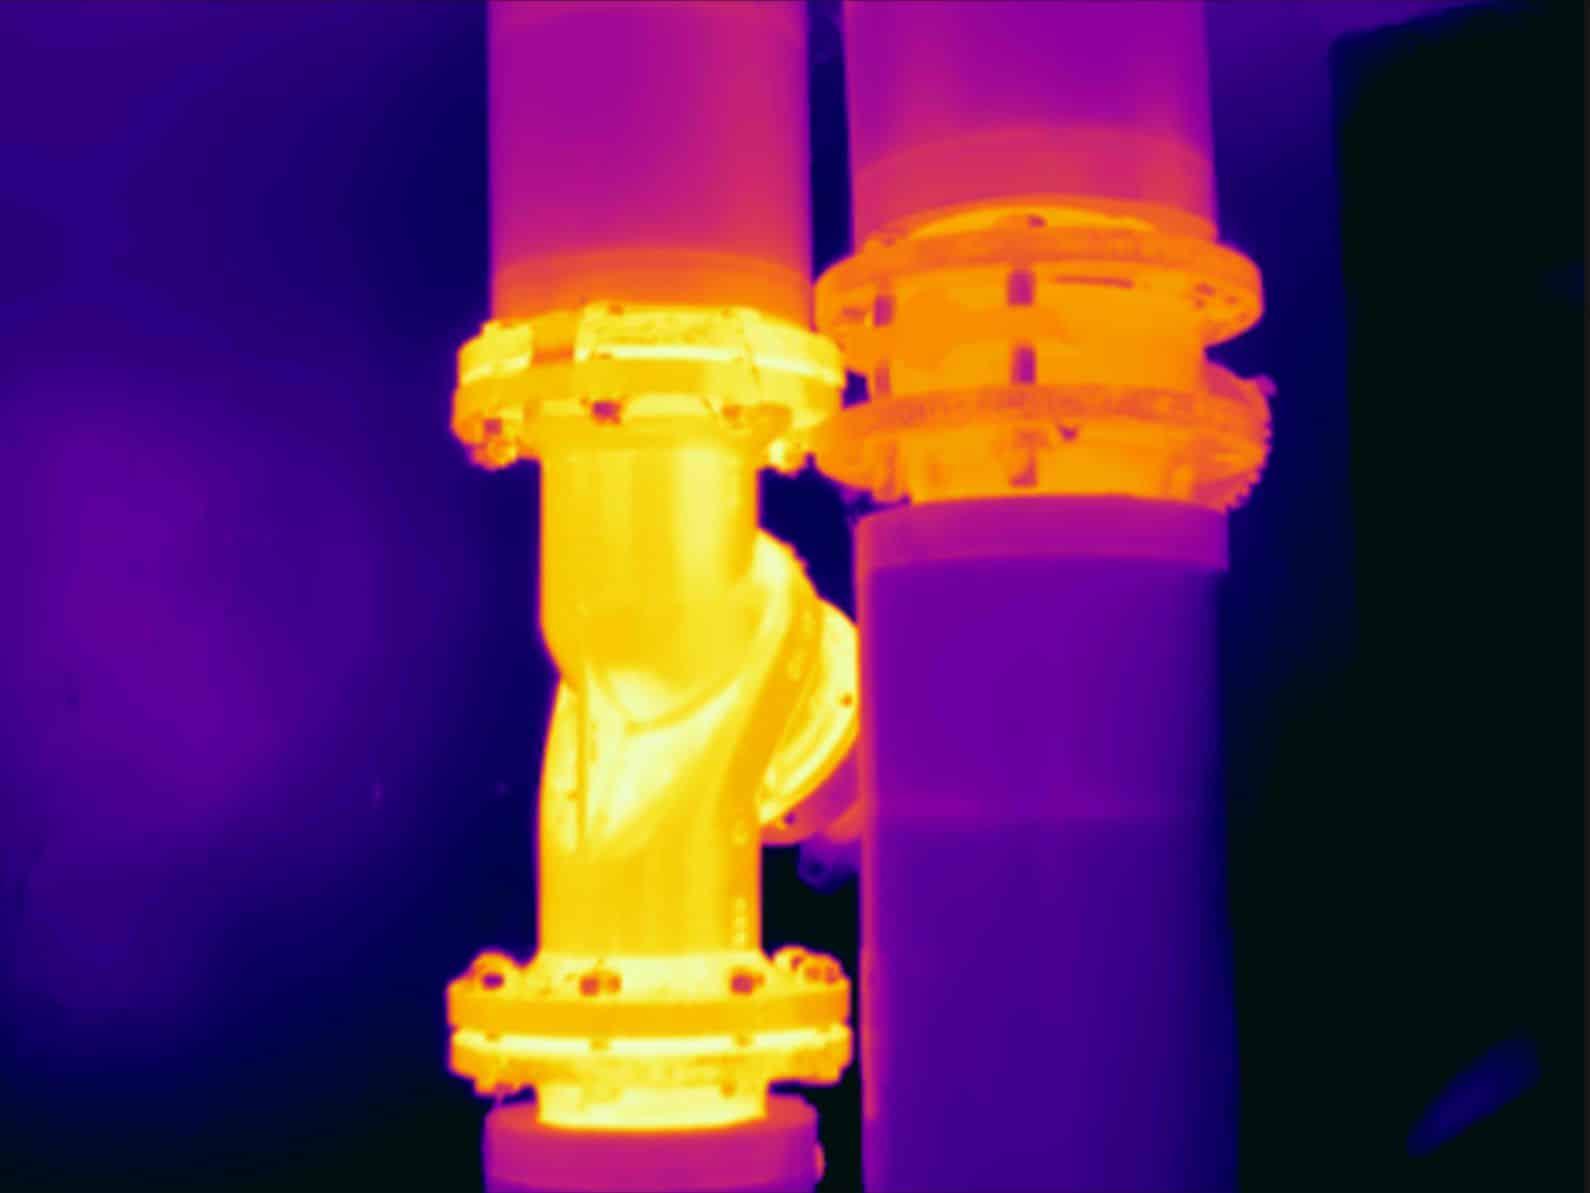 Thermografie toont warmteverlies bij ongeïsoleerde appendages van stadsverwarming